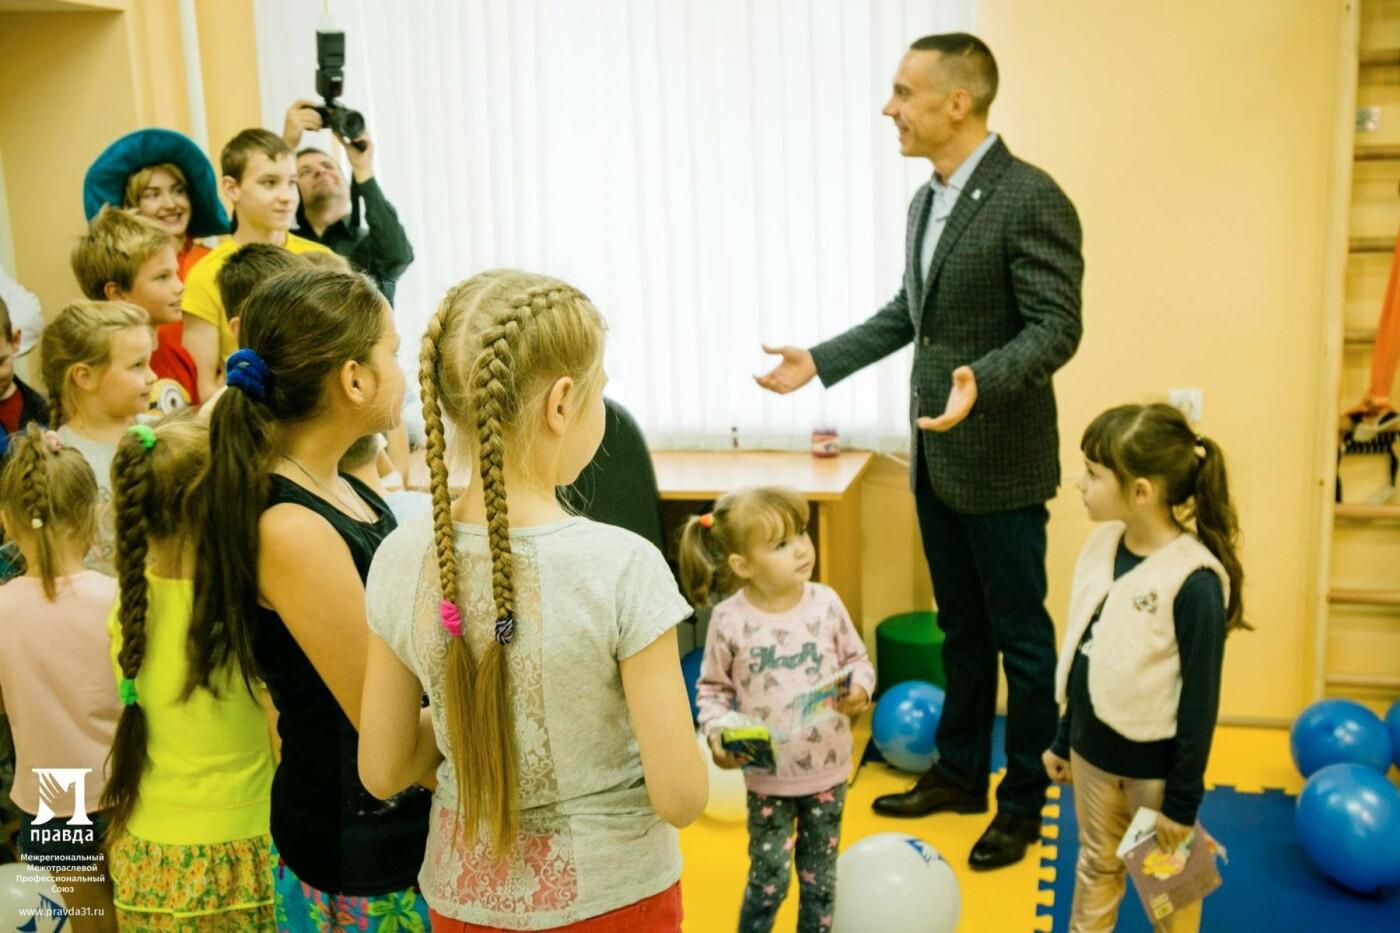 Профсоюз «Правда» подарил новый зал лечебной физкультуры пациентам детской областной клинической больницы, фото-10